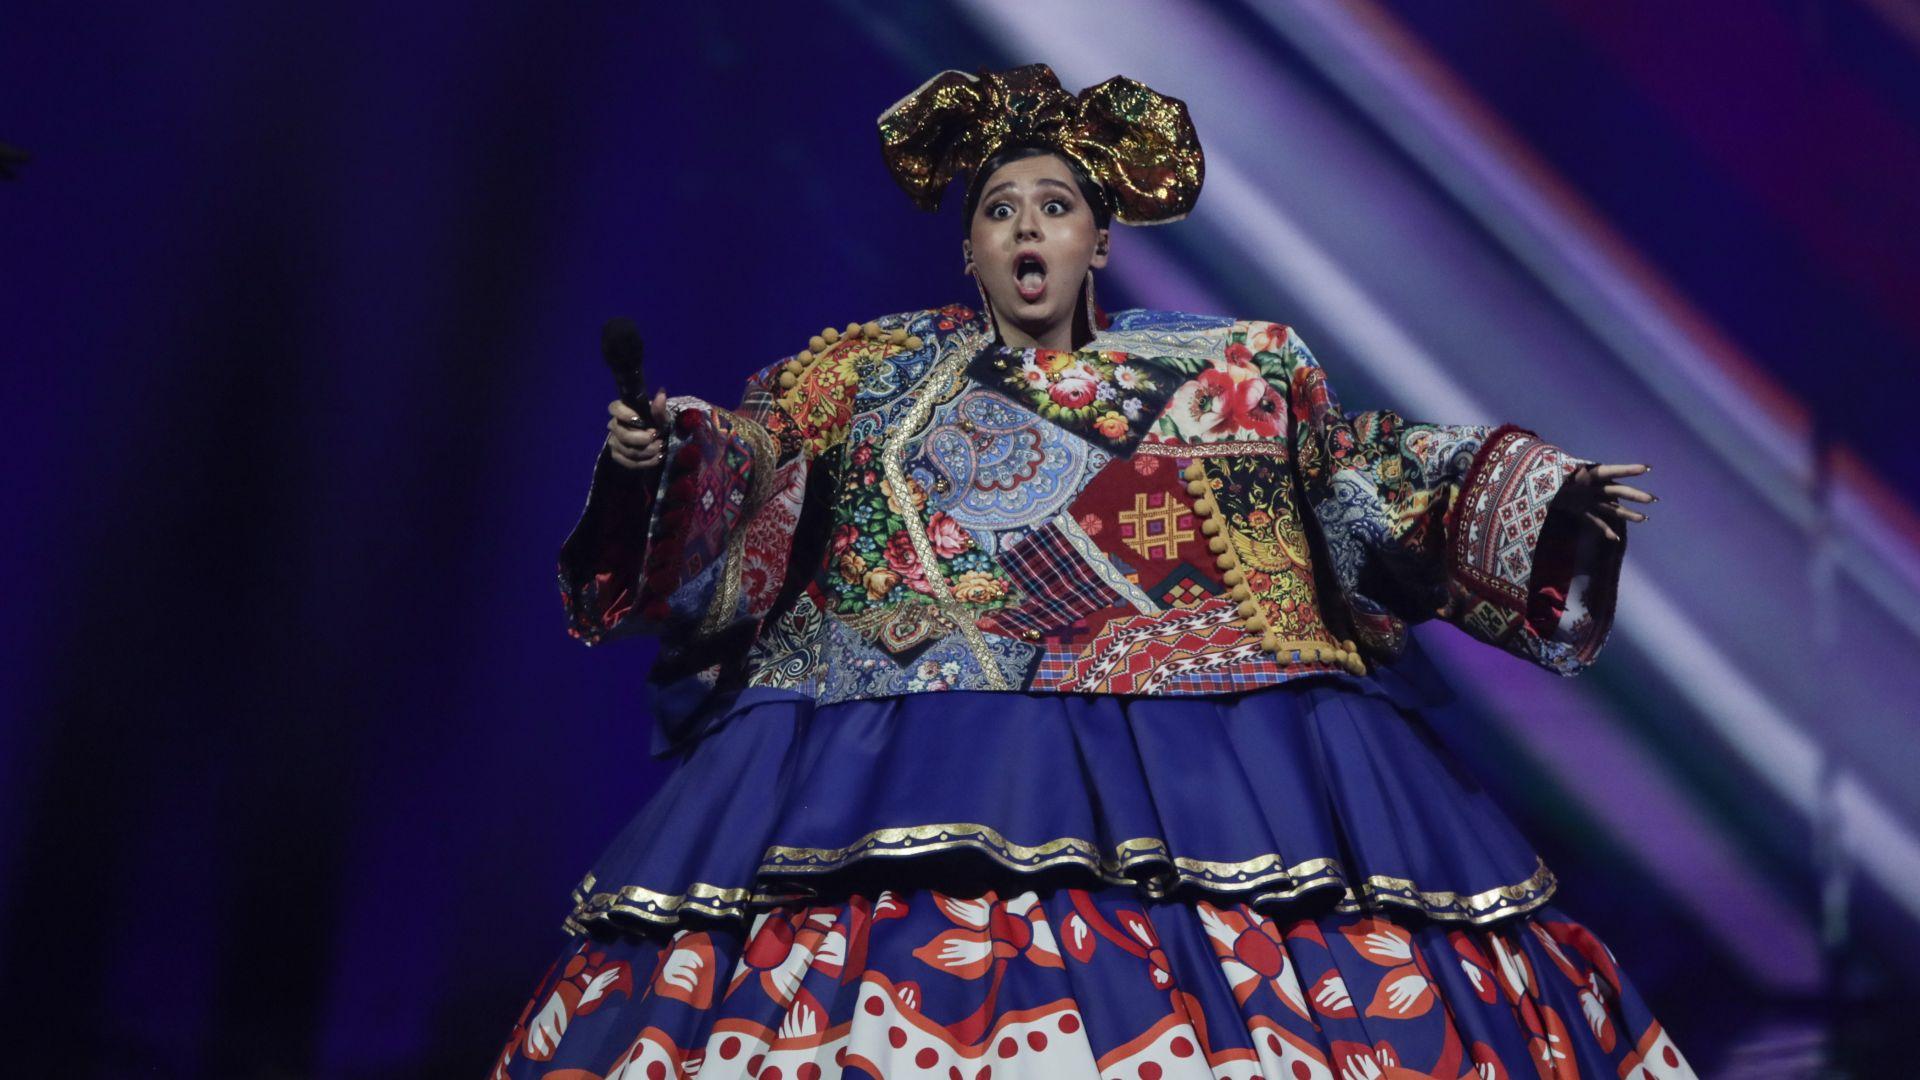 Балканските страни от бившия източен блок претърпяха поражение на Евровизия 2021 (снимки)